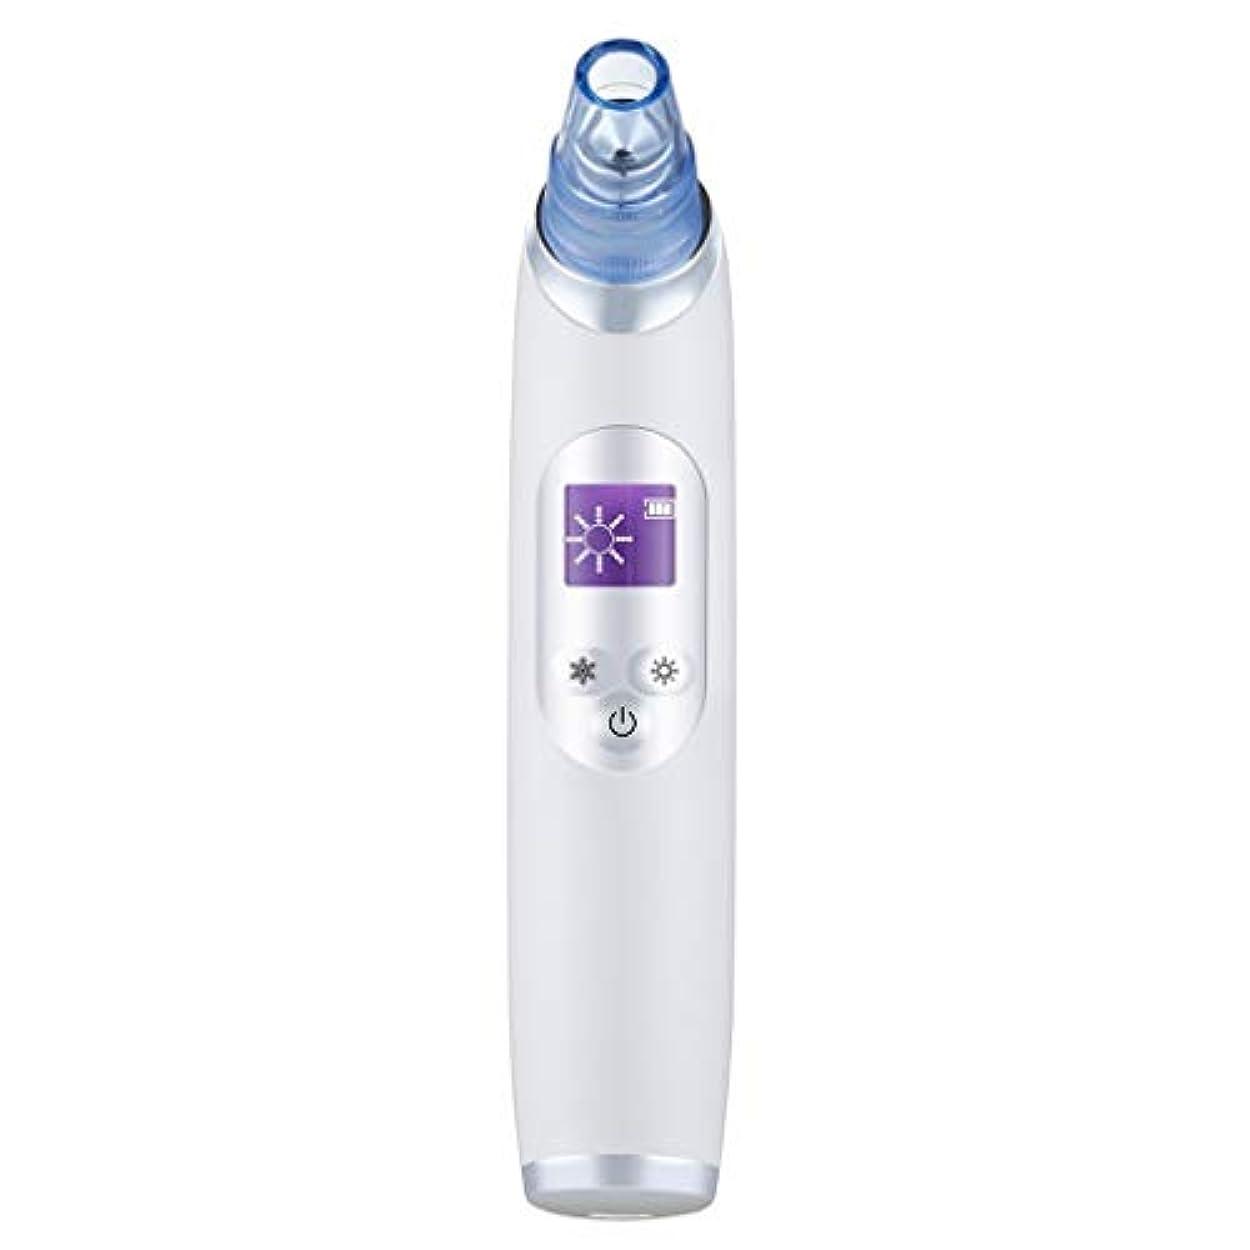 病気ボルトレクリエーション真空気孔クリーナー、ポータブル電気冷却と加熱技術引き締めと輝く角質にきびにきびギフト用女性 (Color : B)